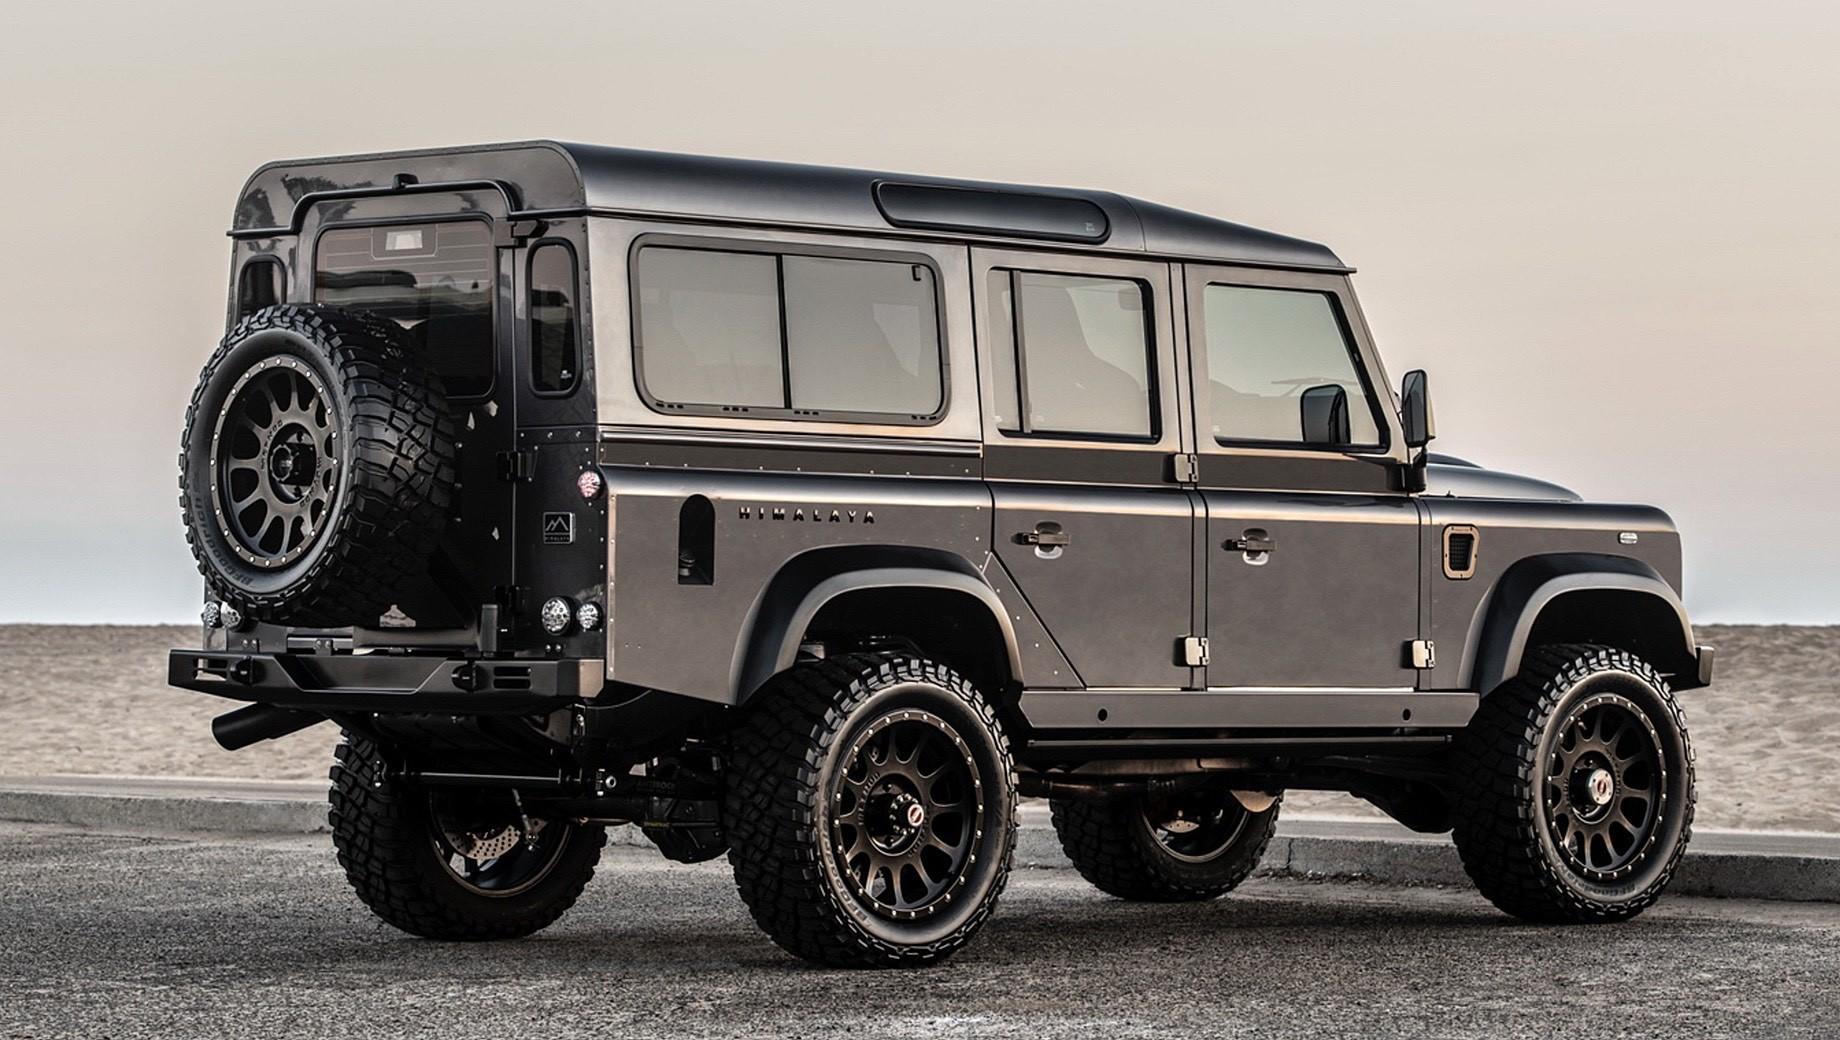 Сосчитать все проекты на основе прошлого Land Rover Defender невозможно, а одна из самых популярных доработок – установка двигателя Chevrolet. На сей раз внедорожник модернизировала британская компания Himalaya, за плечами которой уже не один тюнингованный «Дефендер» (см. видео).